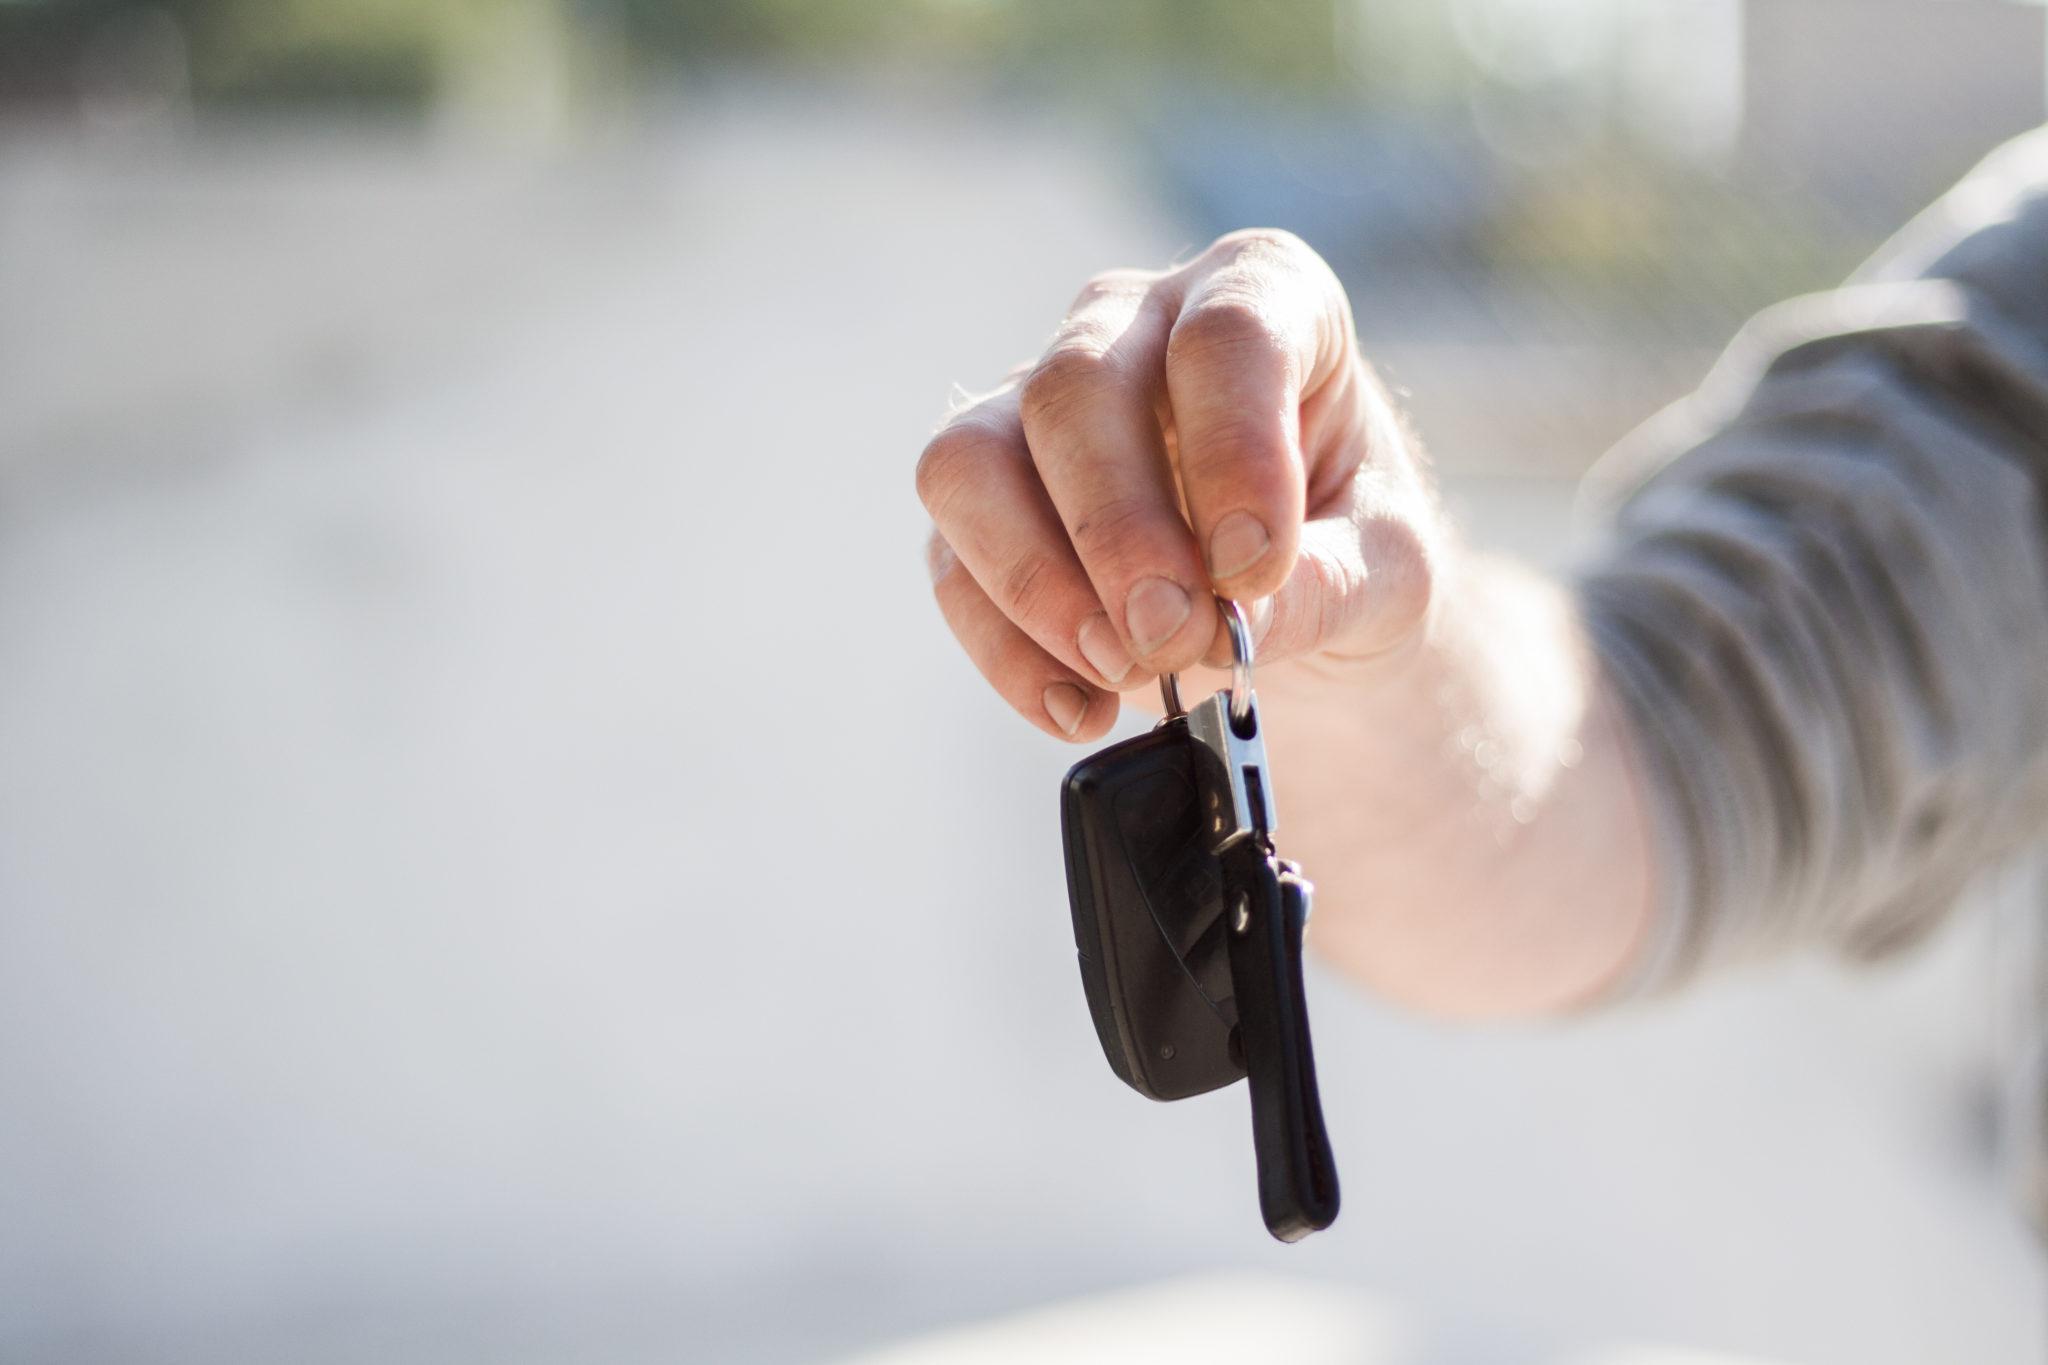 Sälja bil till bilhandlare